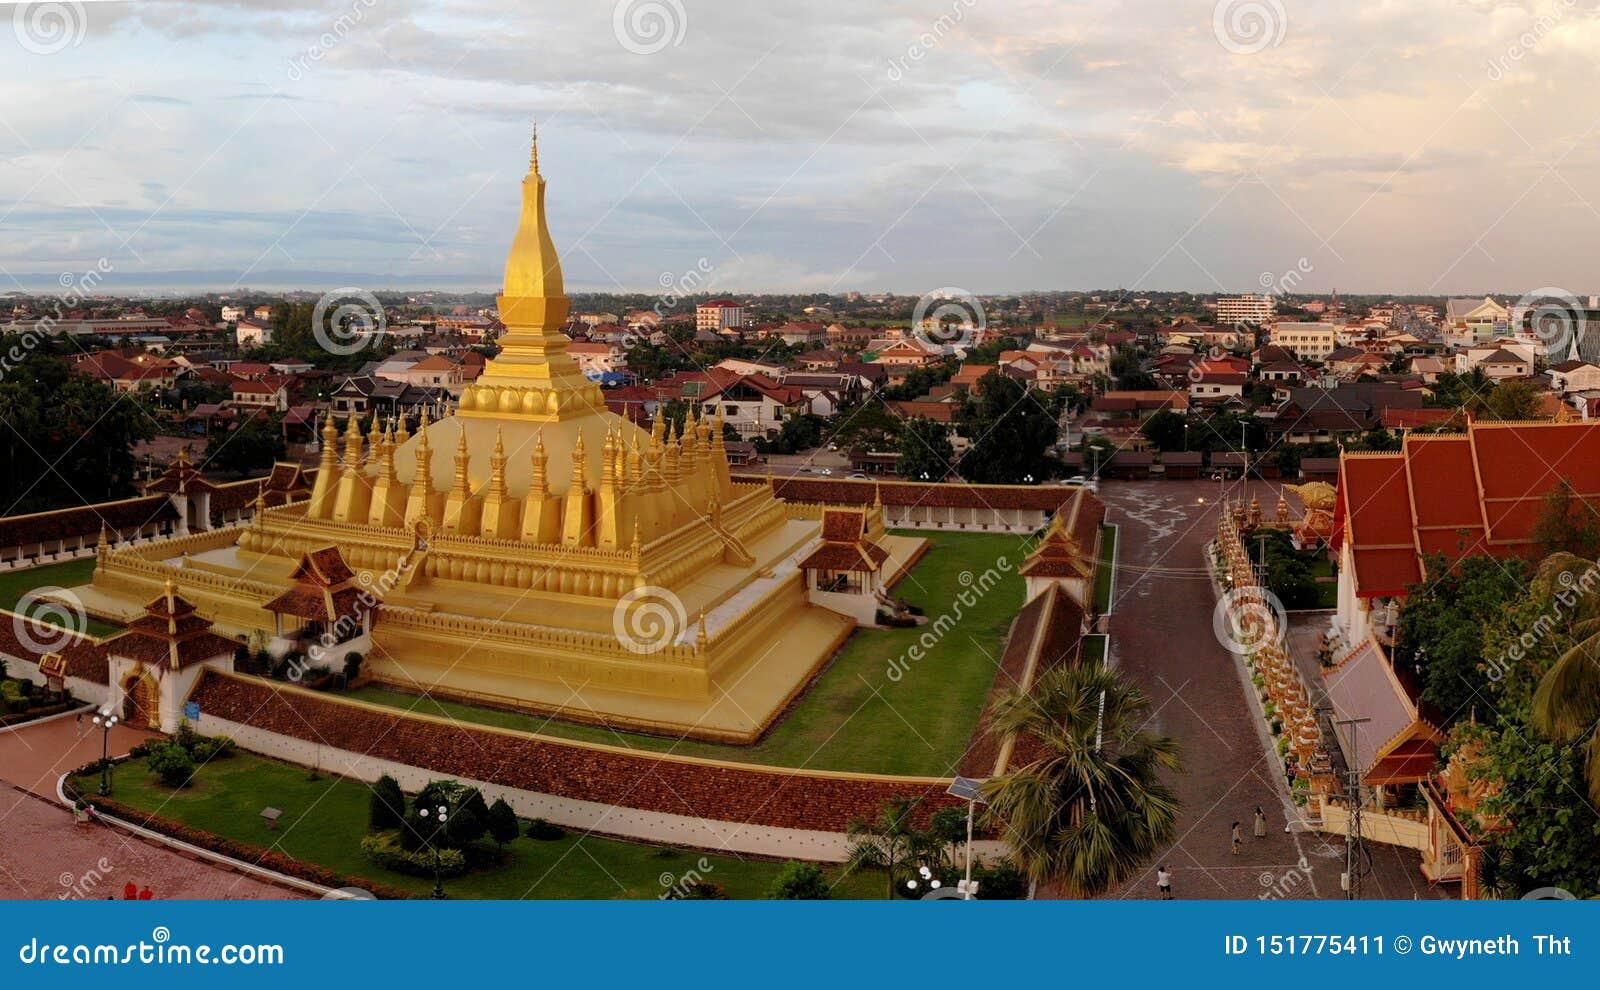 De gouden tempel is helder in de zonsondergang